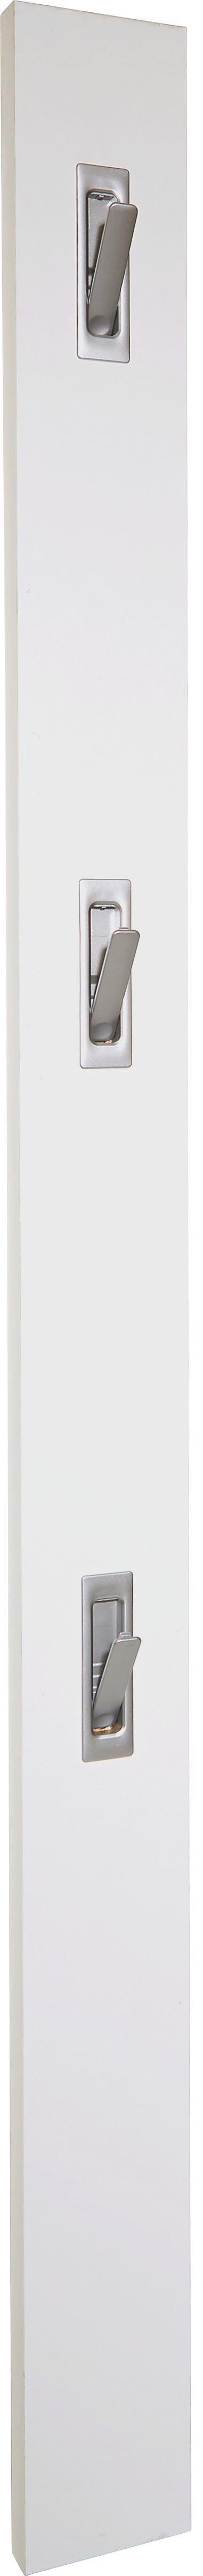 Előszoba Panel Enzo - fehér, modern, faanyagok (12/175/2,8cm)